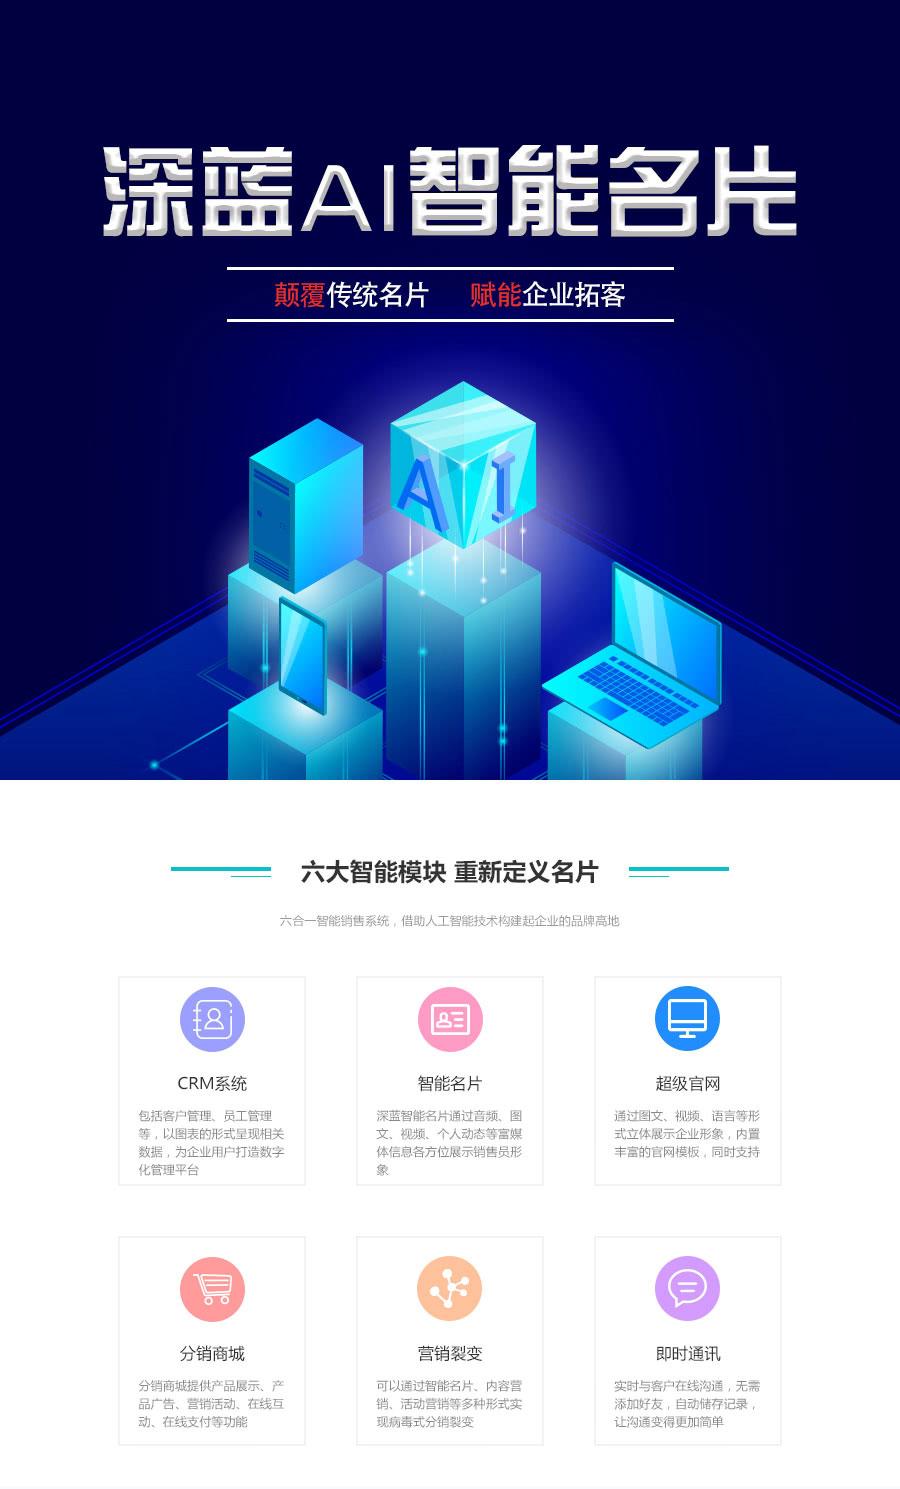 微擎微赞通用功能模块 深蓝AI智能名片小程序V2.7.0 原版